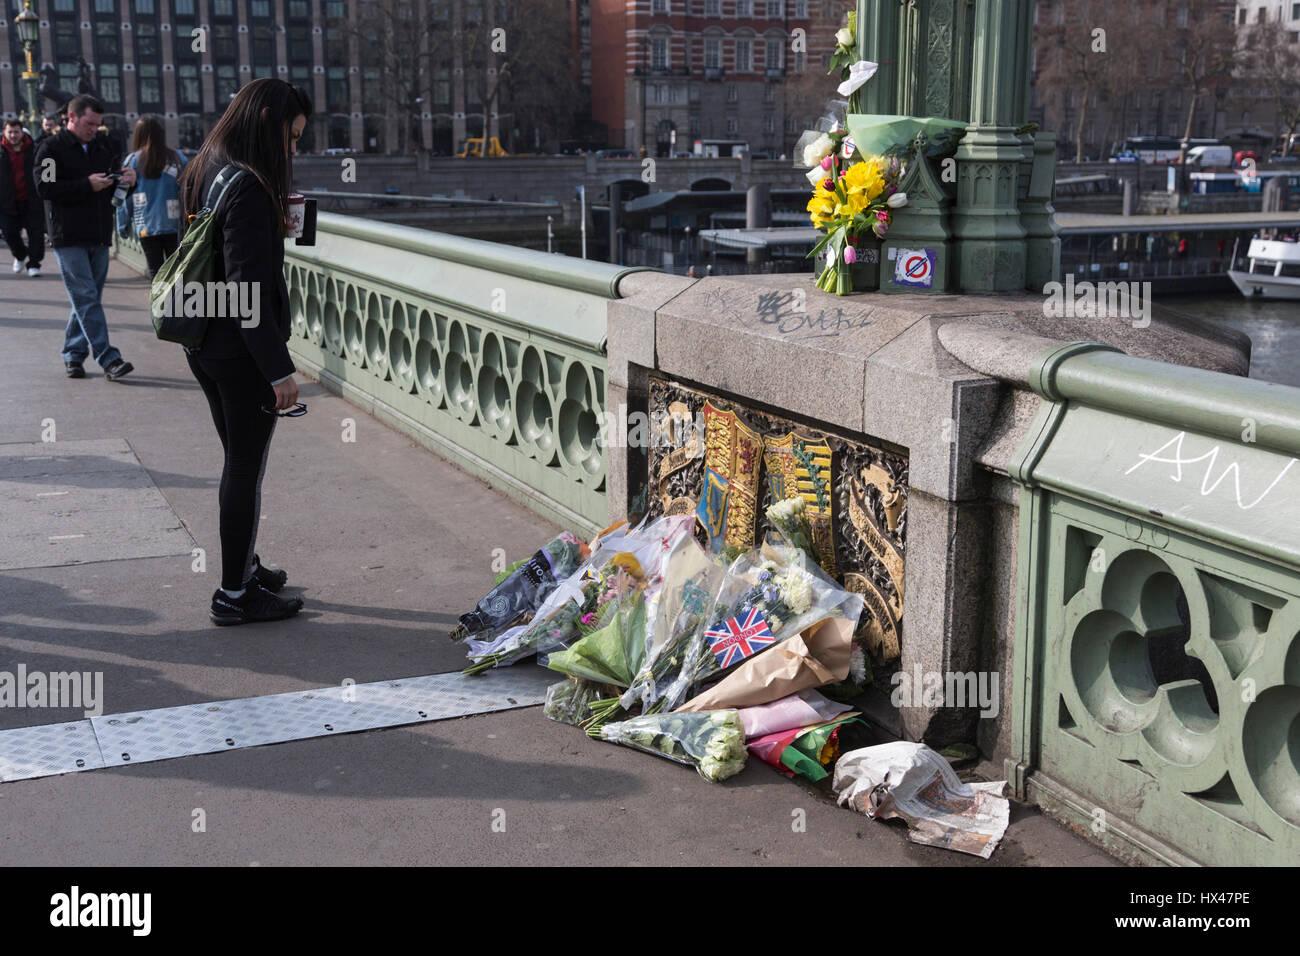 London, UK. 24. März 2017. Londoner verlassen floral Tribute an die Opfer des Terroranschlags auf Westminster Bridge. Bildnachweis: Bettina Strenske/Alamy Live-Nachrichten Stockfoto